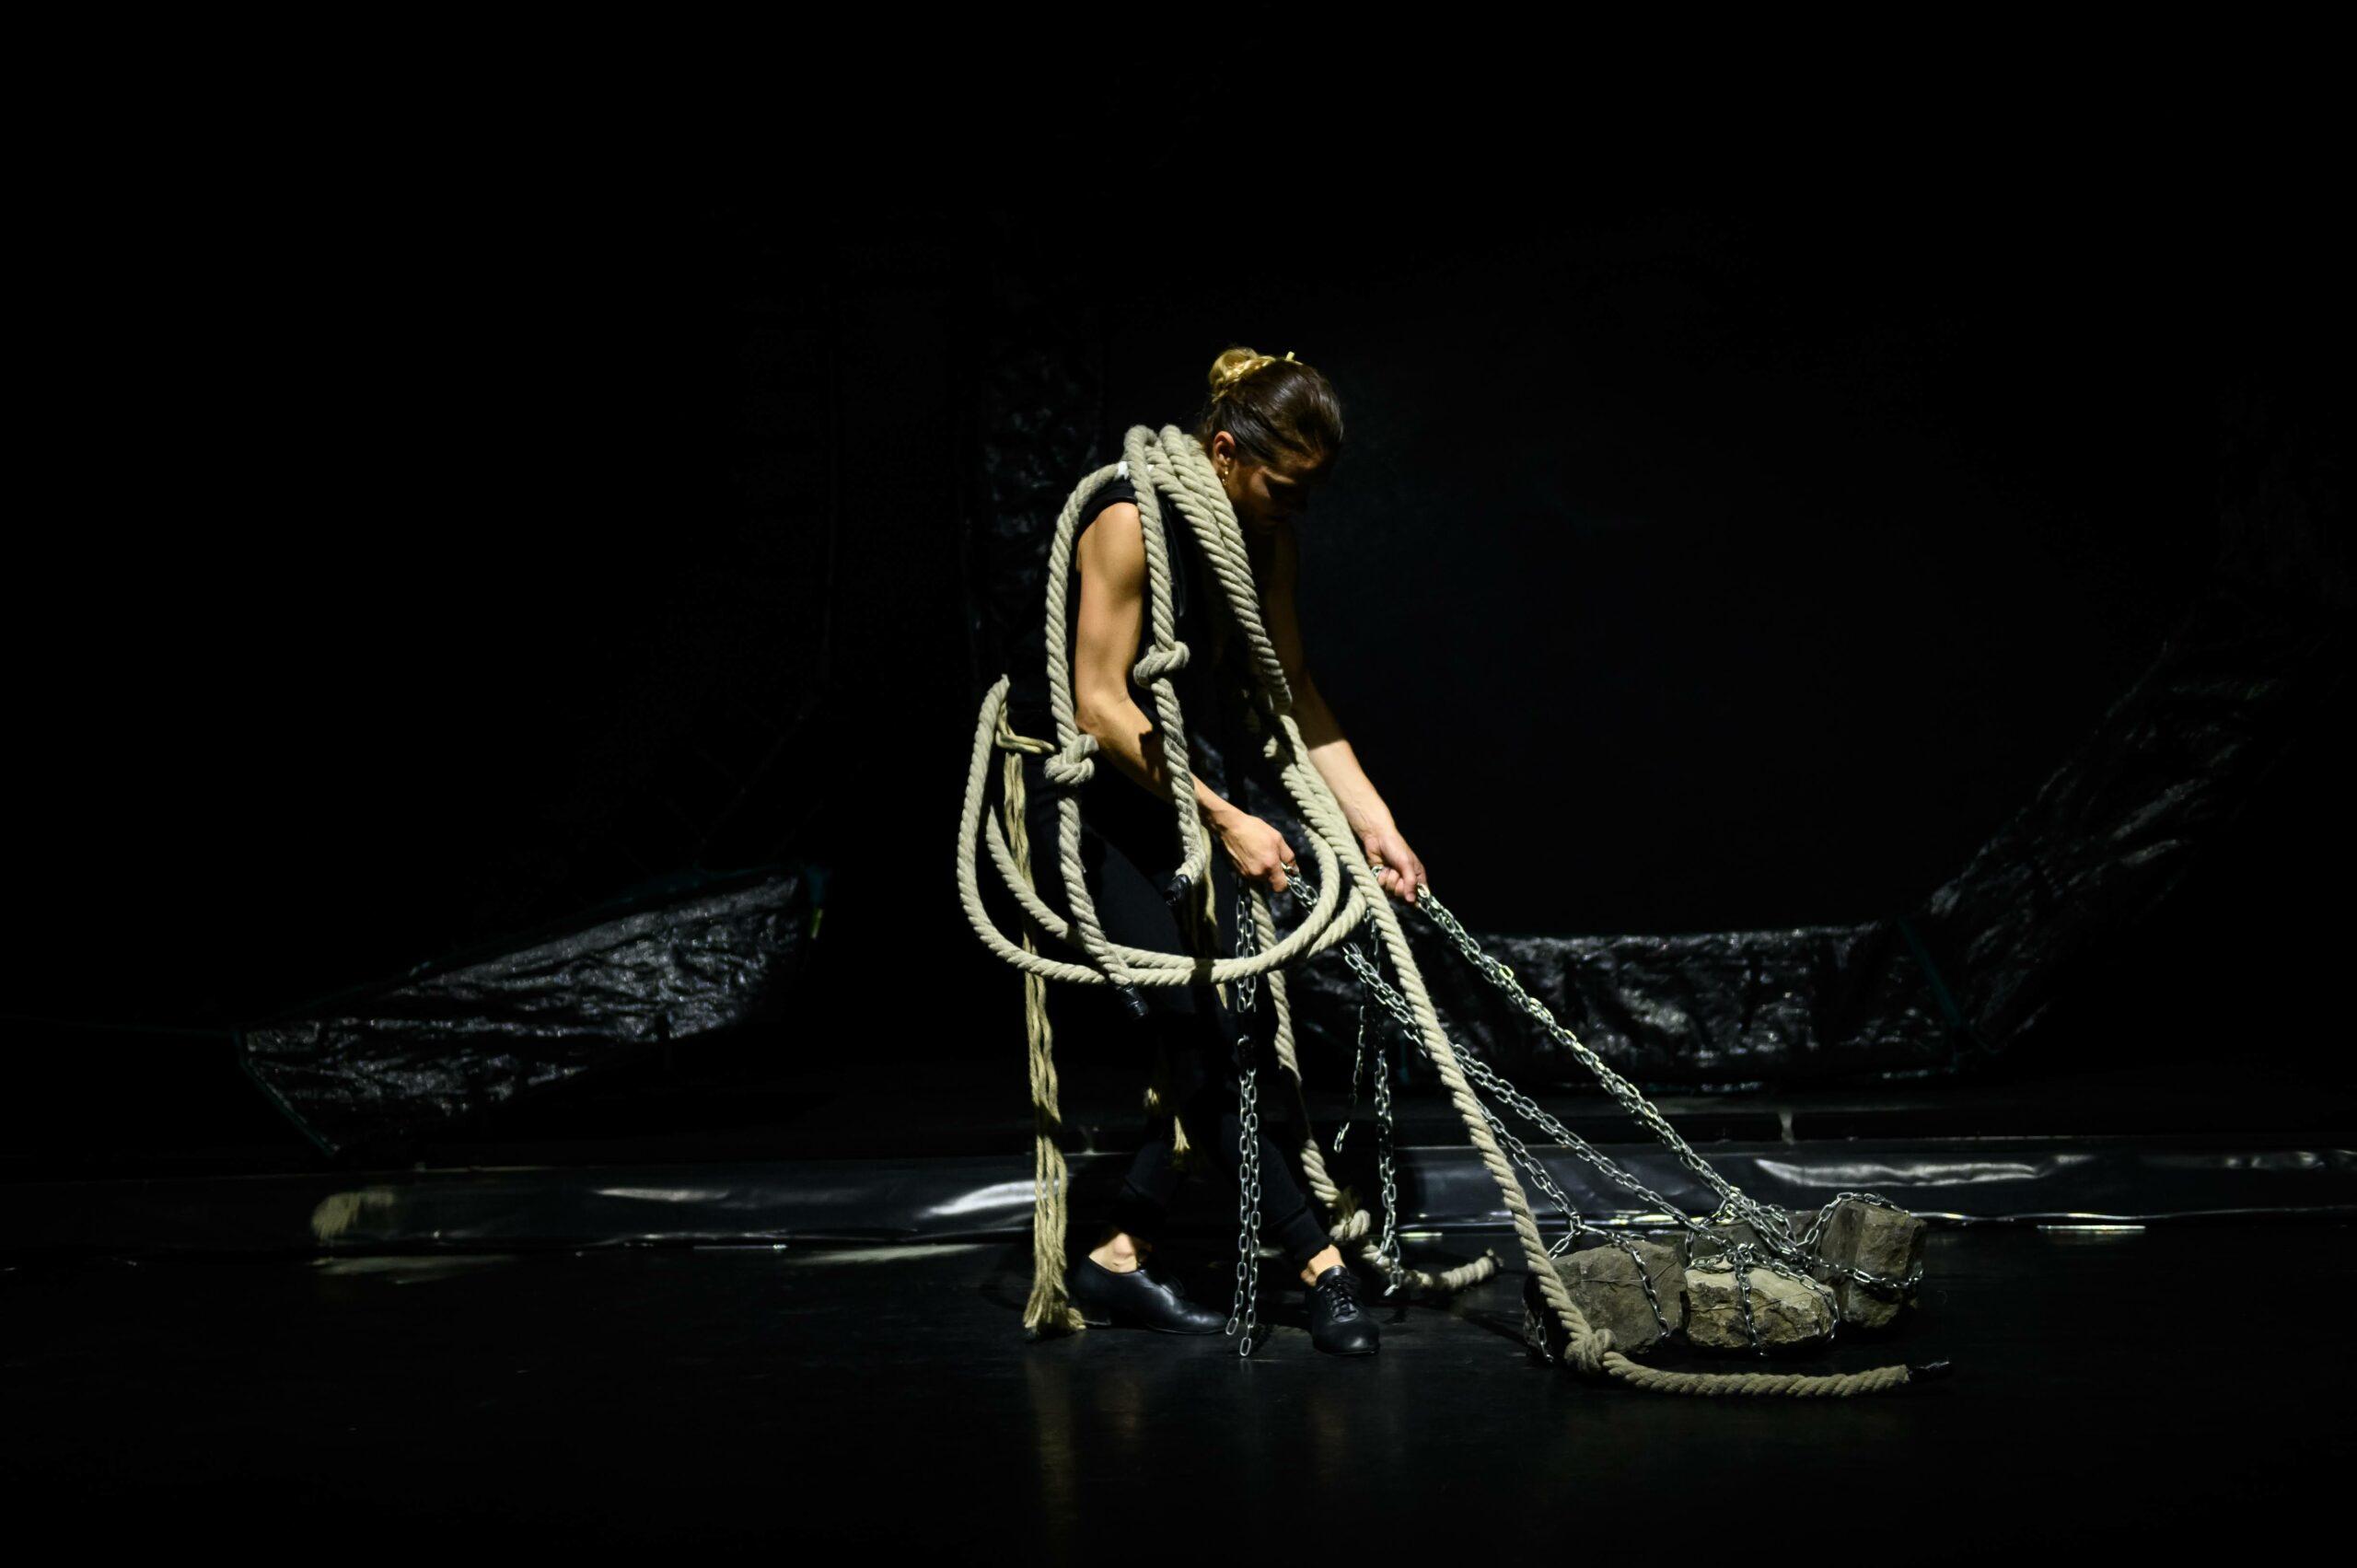 A darabban a látványelemek és a tánc mellett hangsúlyos szerepet kap a zene és a jelmeztervezés is.